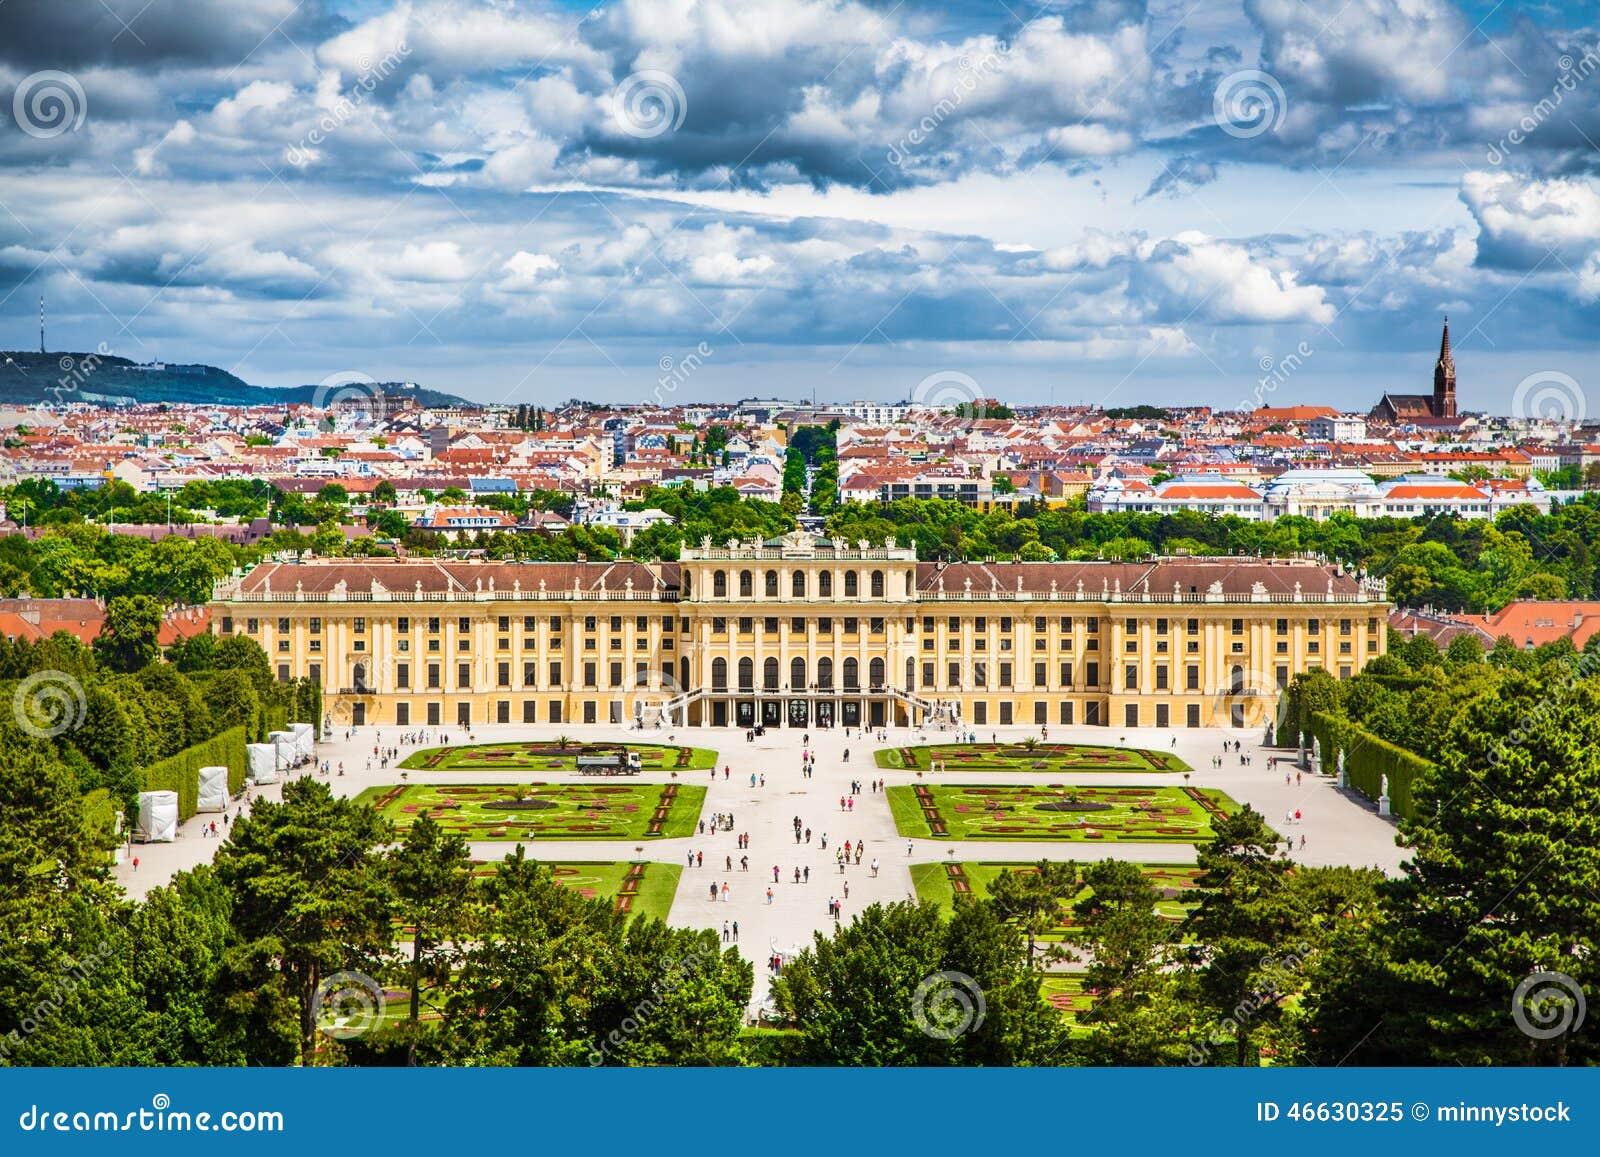 Palacio famoso de Schonbrunn en Viena, Austria